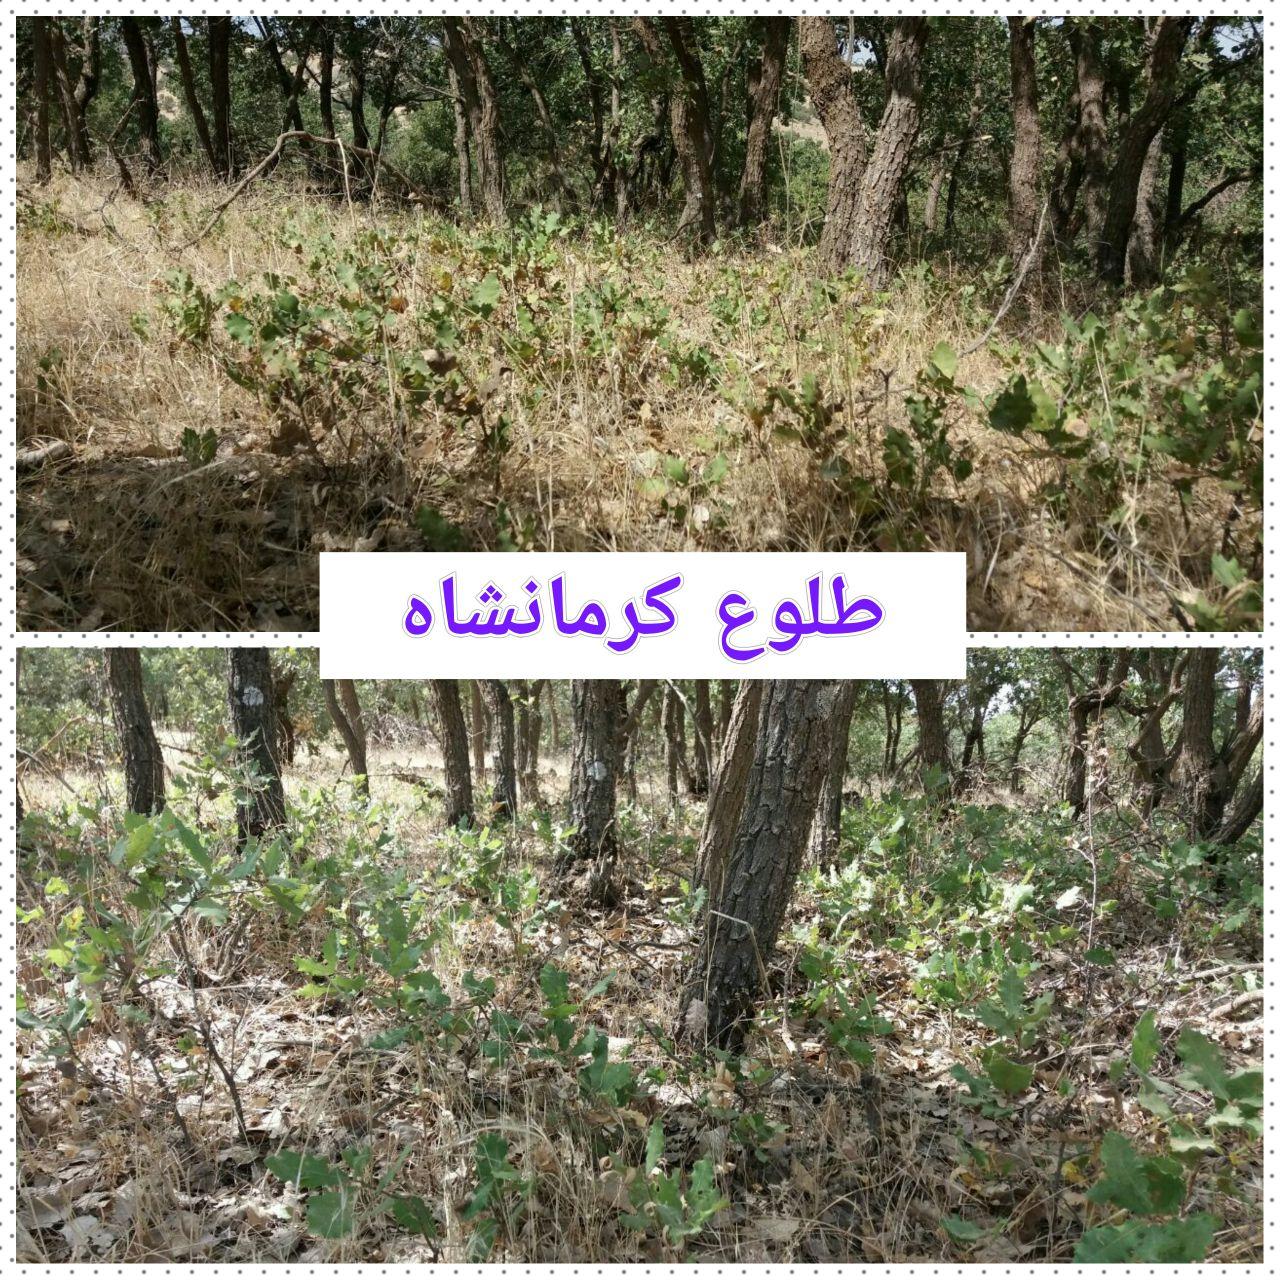 ۱۶۰ هزار هکتار جنگل در کرمانشاه احیا میشود / روزنهای برای نجات رویشگاههای مخروبه زاگرس